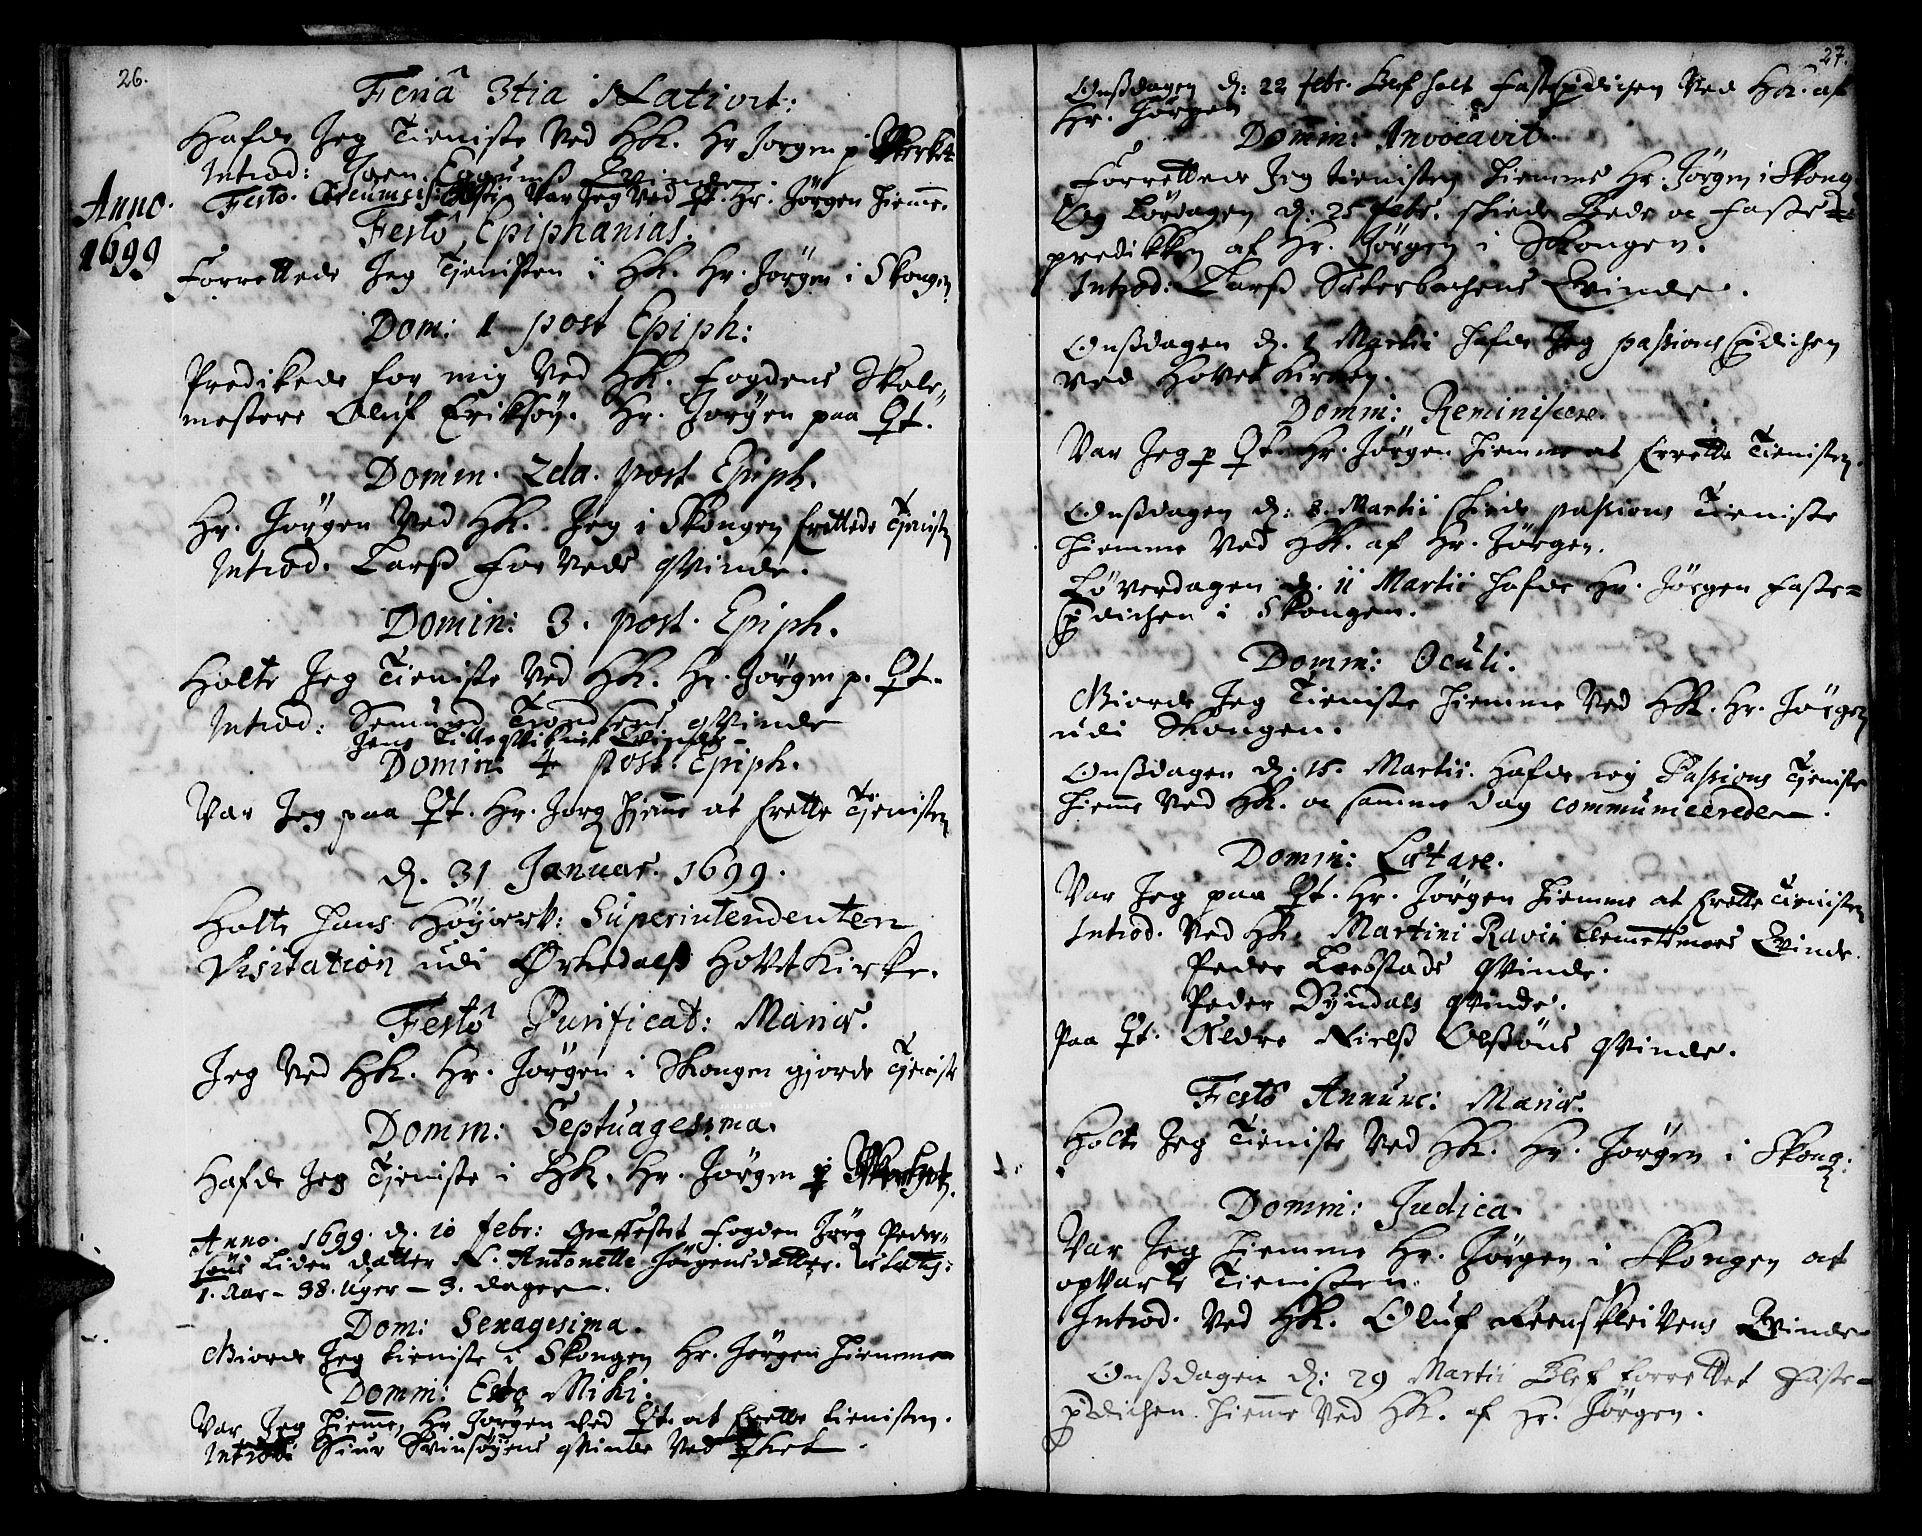 SAT, Ministerialprotokoller, klokkerbøker og fødselsregistre - Sør-Trøndelag, 668/L0801: Ministerialbok nr. 668A01, 1695-1716, s. 26-27